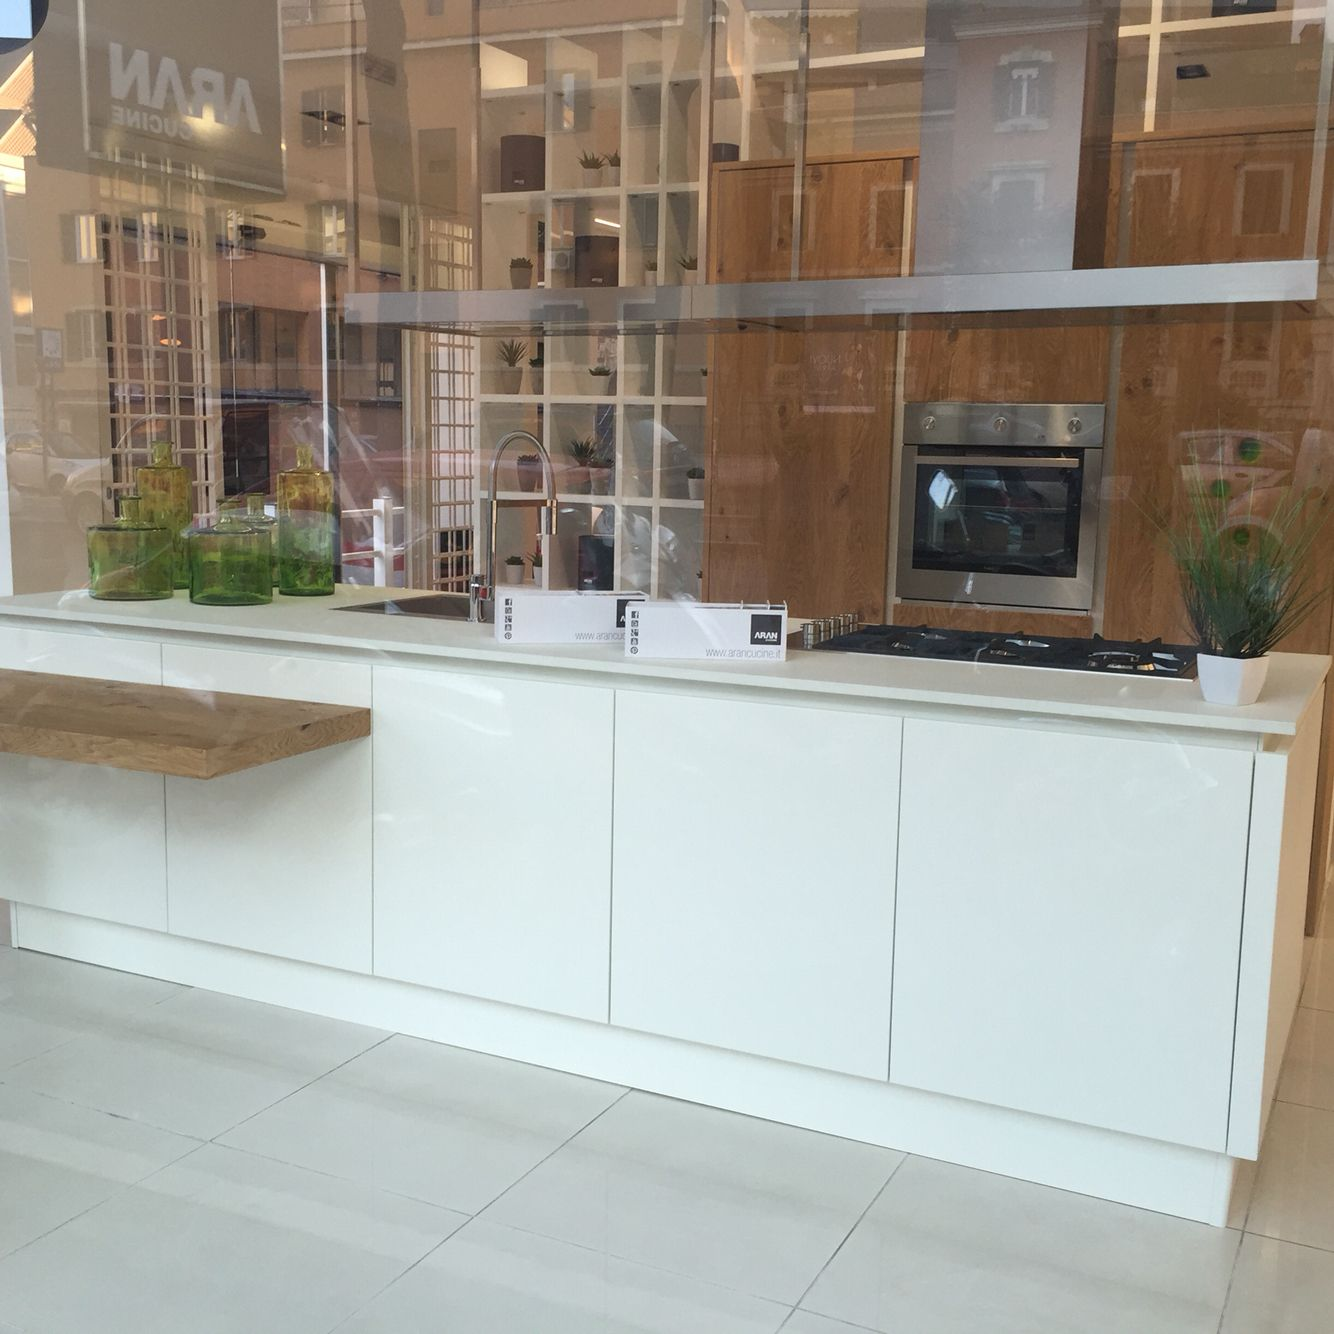 Küche Rom | Küchenideen | Pinterest | Rom und Küche